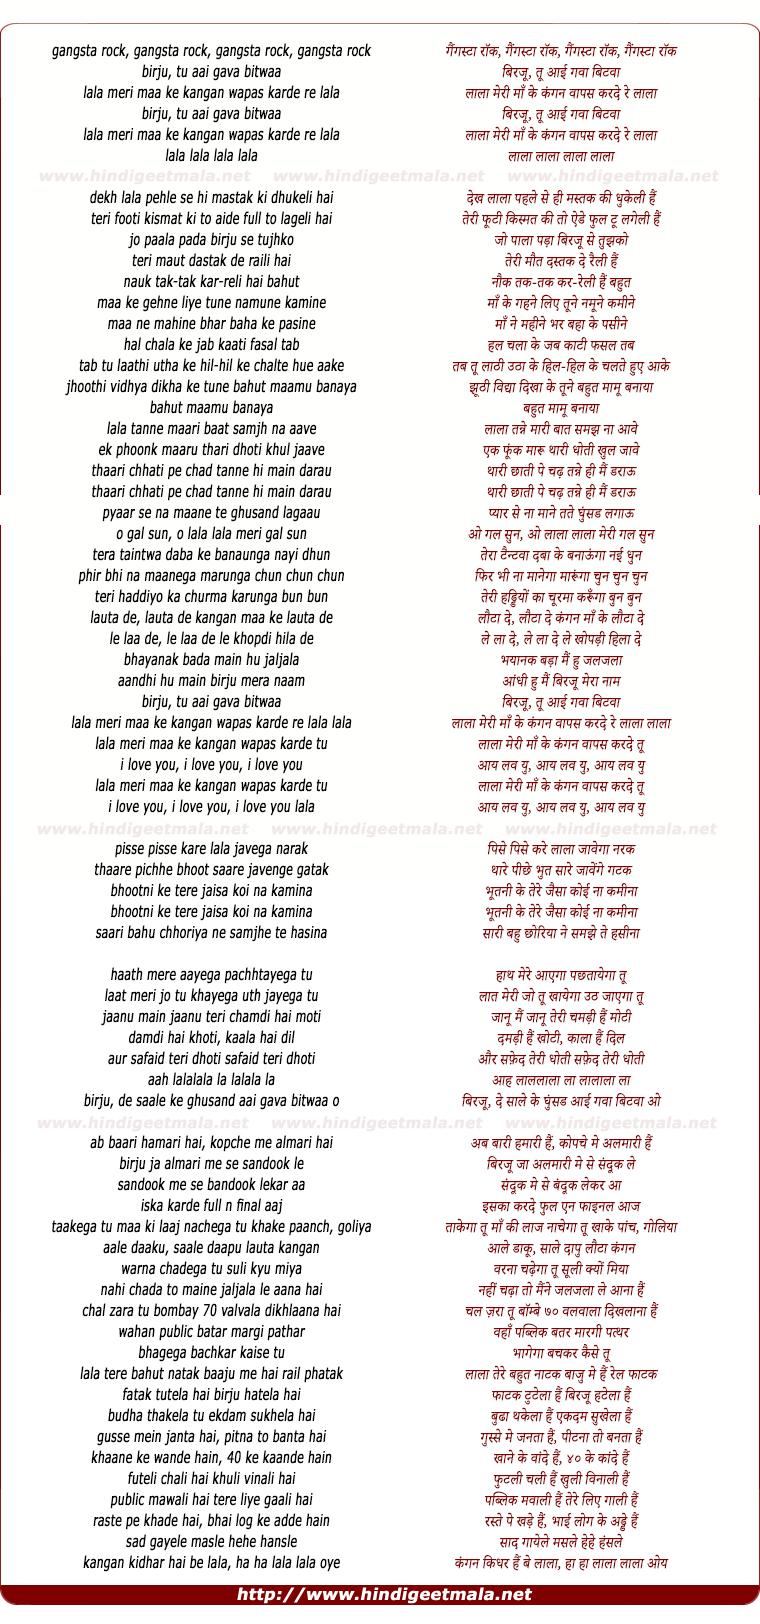 lyrics of song Birju